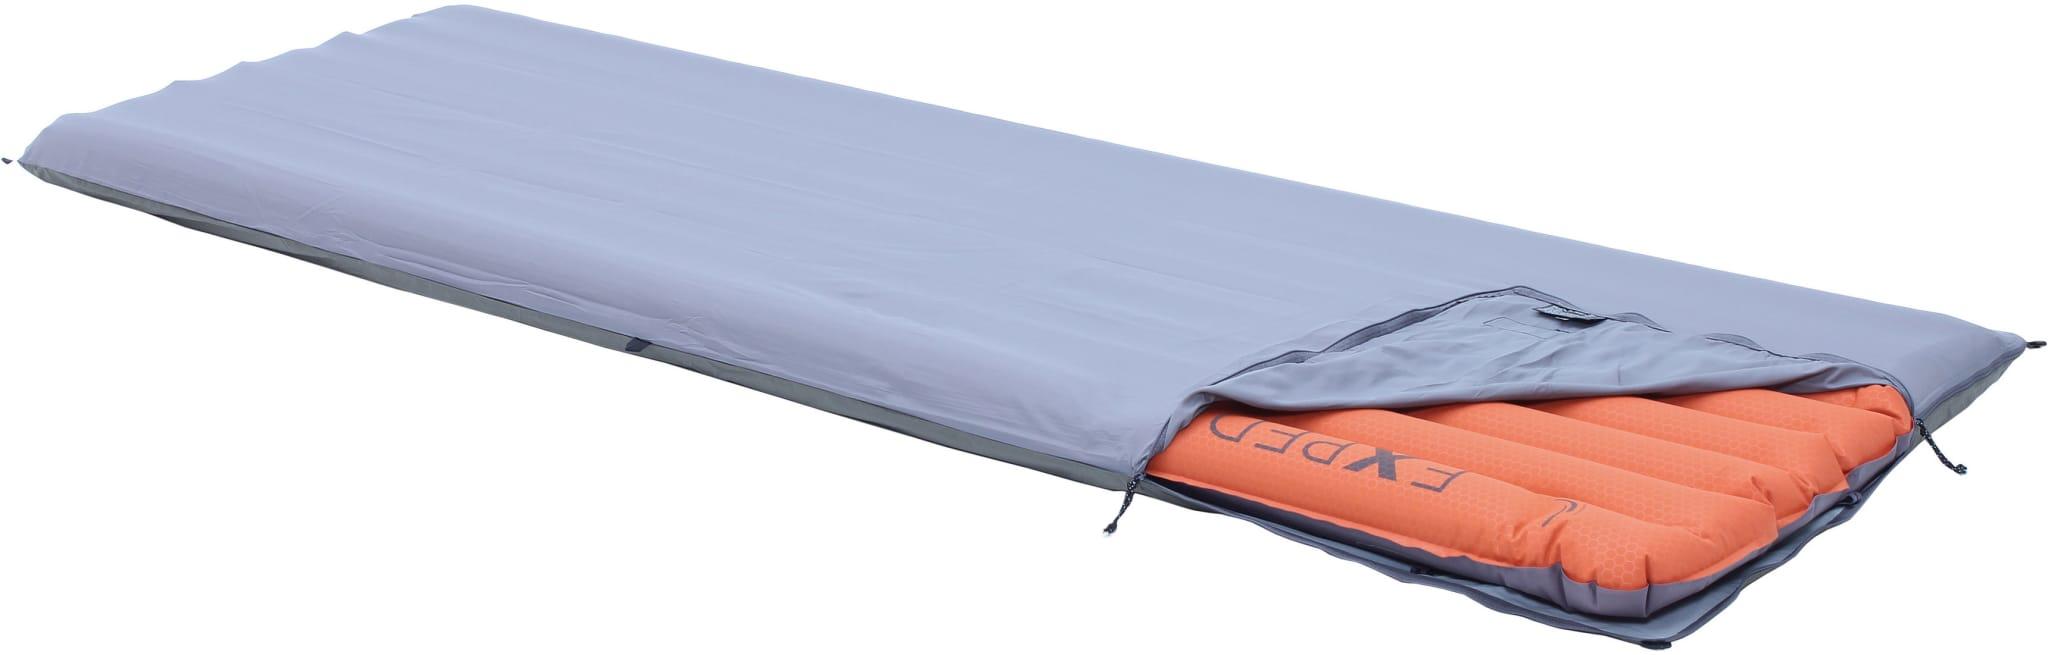 Trekk til liggeunderlag for økt beskyttelse og komfort